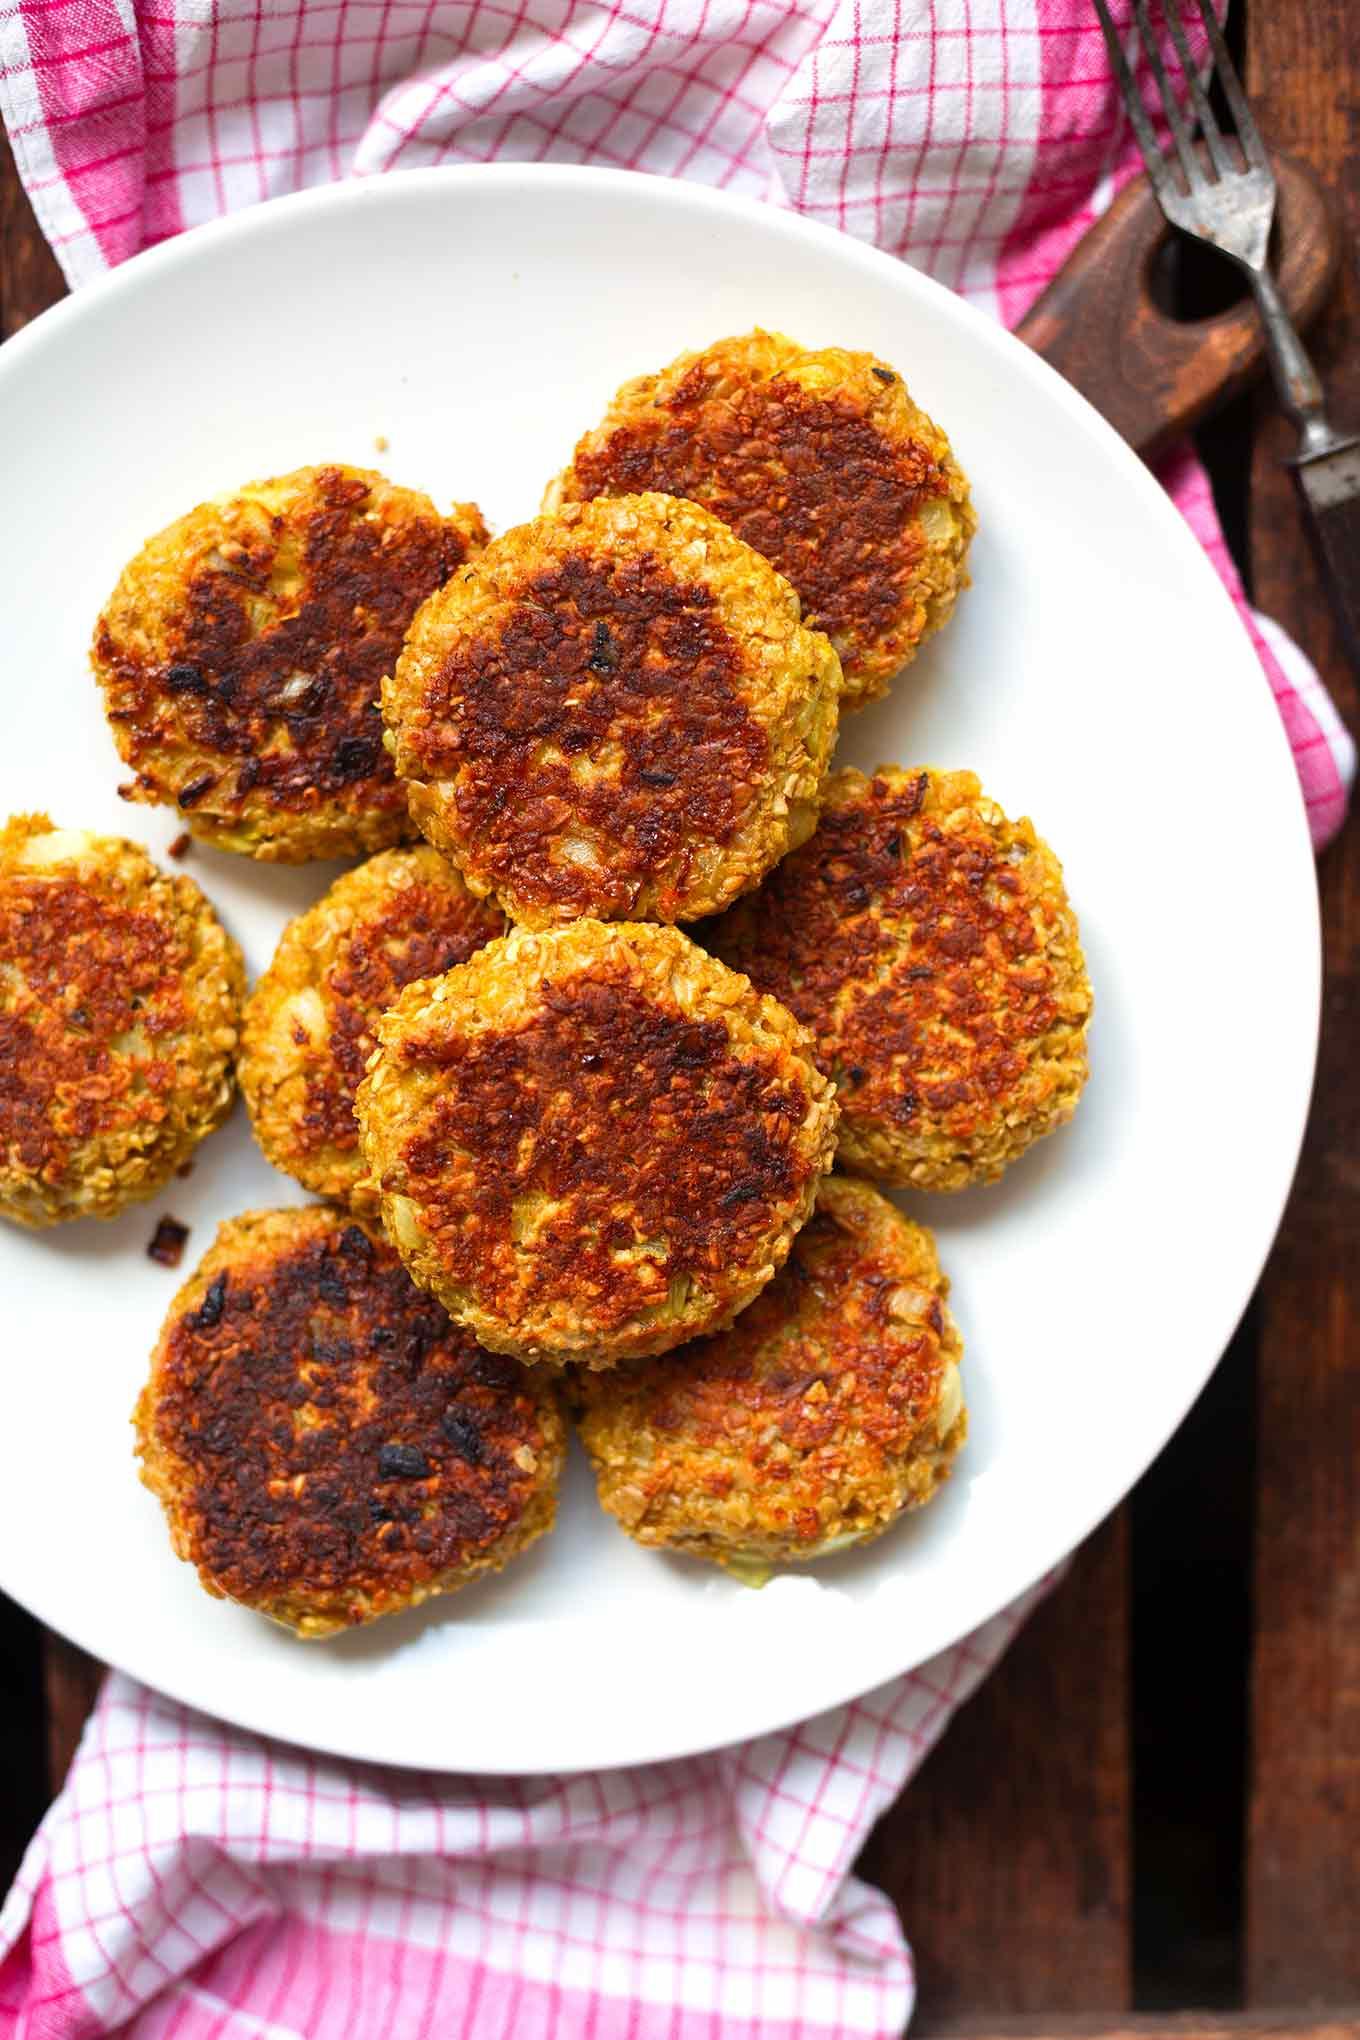 Schnelle Veggie Frikadellen Deluxe - Kochkarussell für Einfache Schnelle Rezepte Ohne Fleisch